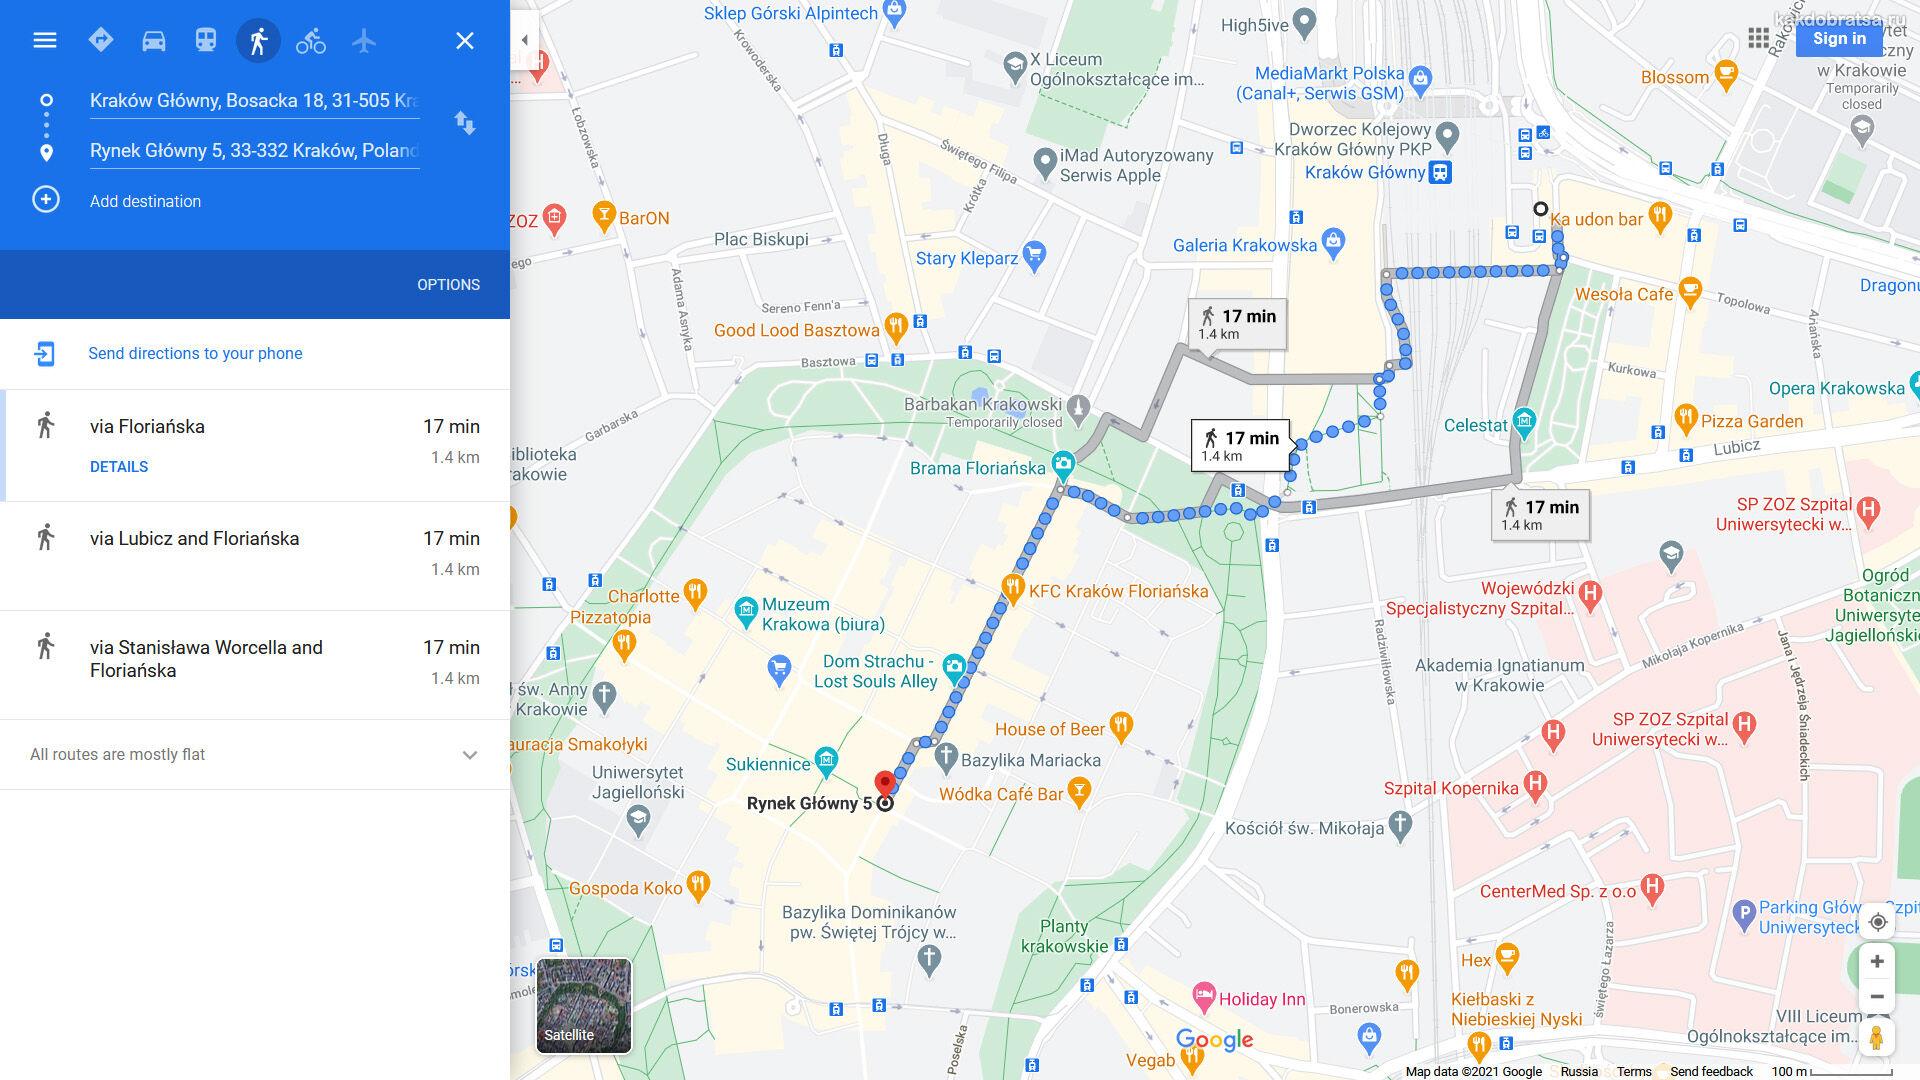 Центральный автовокзал Кракова точка на карте и адрес